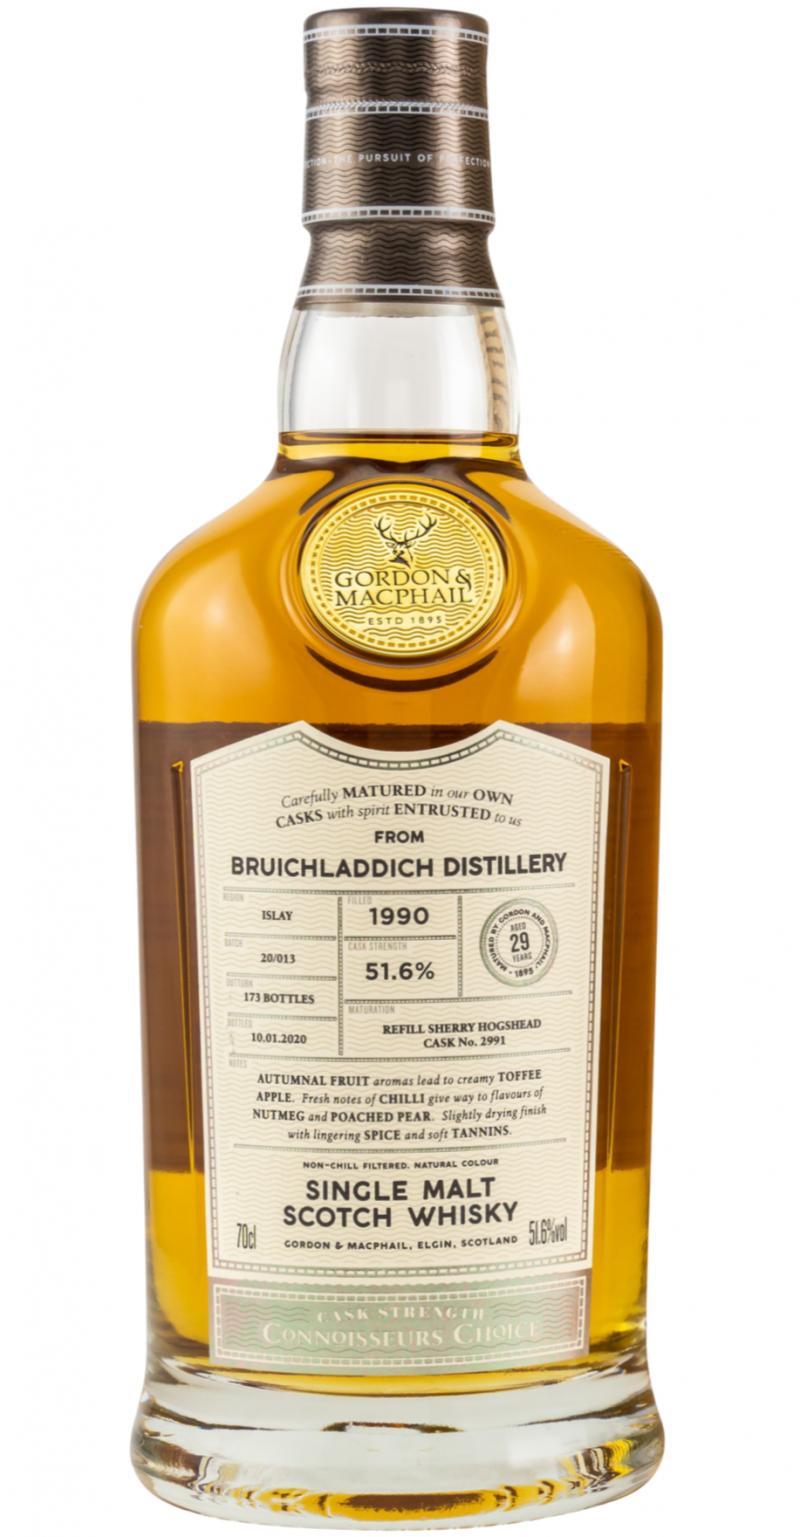 Bruichladdich 1990 GM